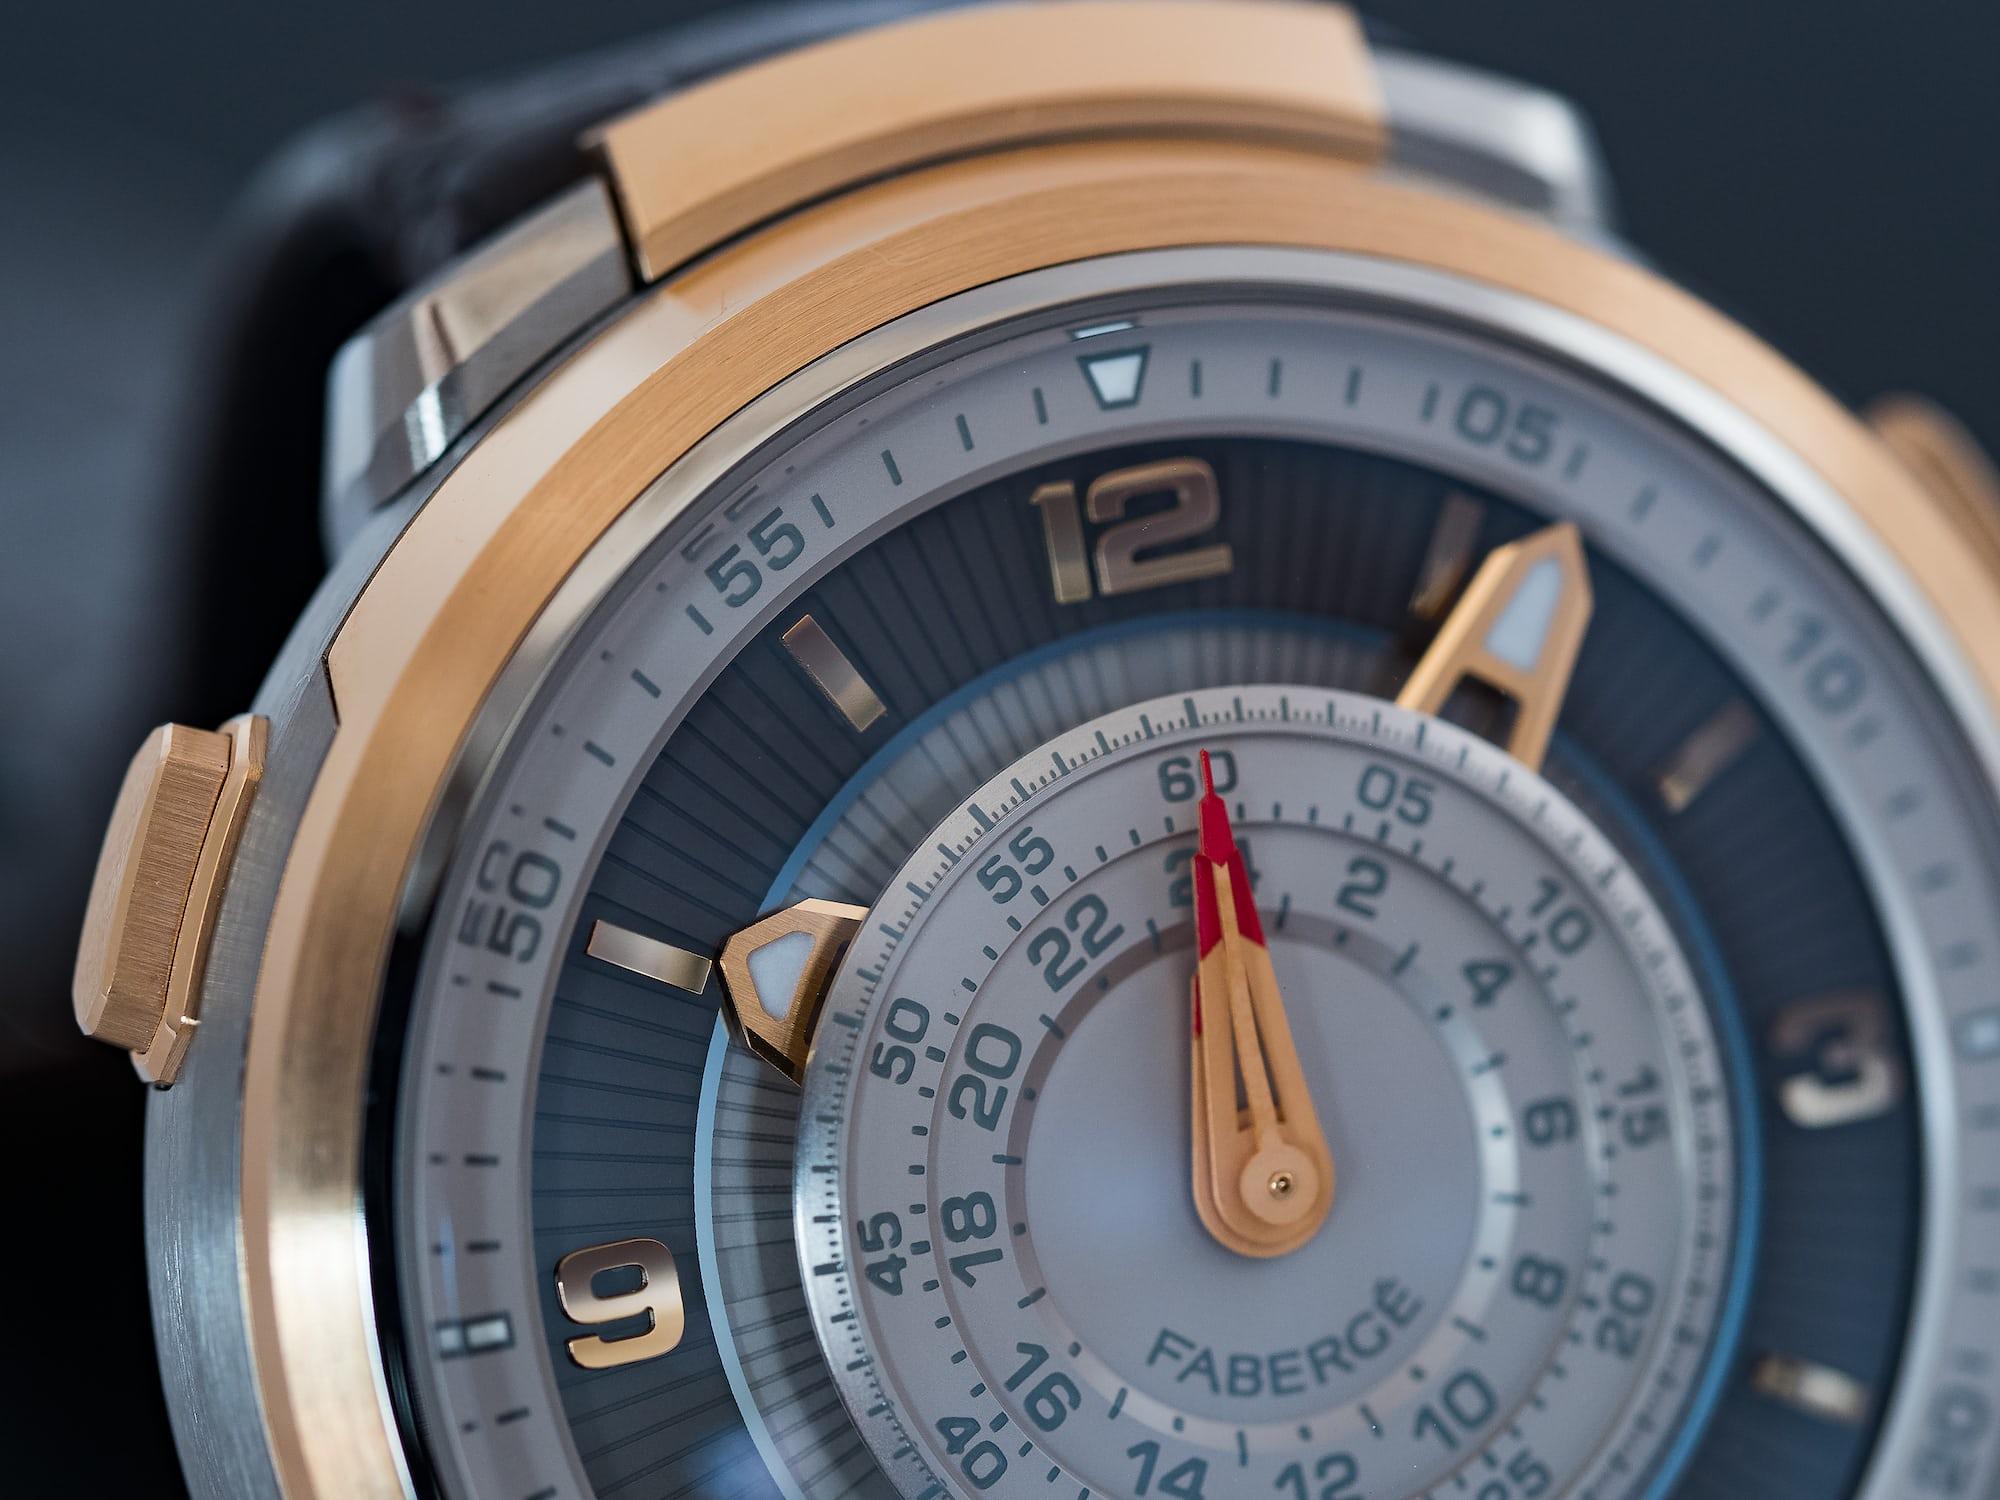 Fabergé Visionnaire Chronograph, arrangement of hands and dial